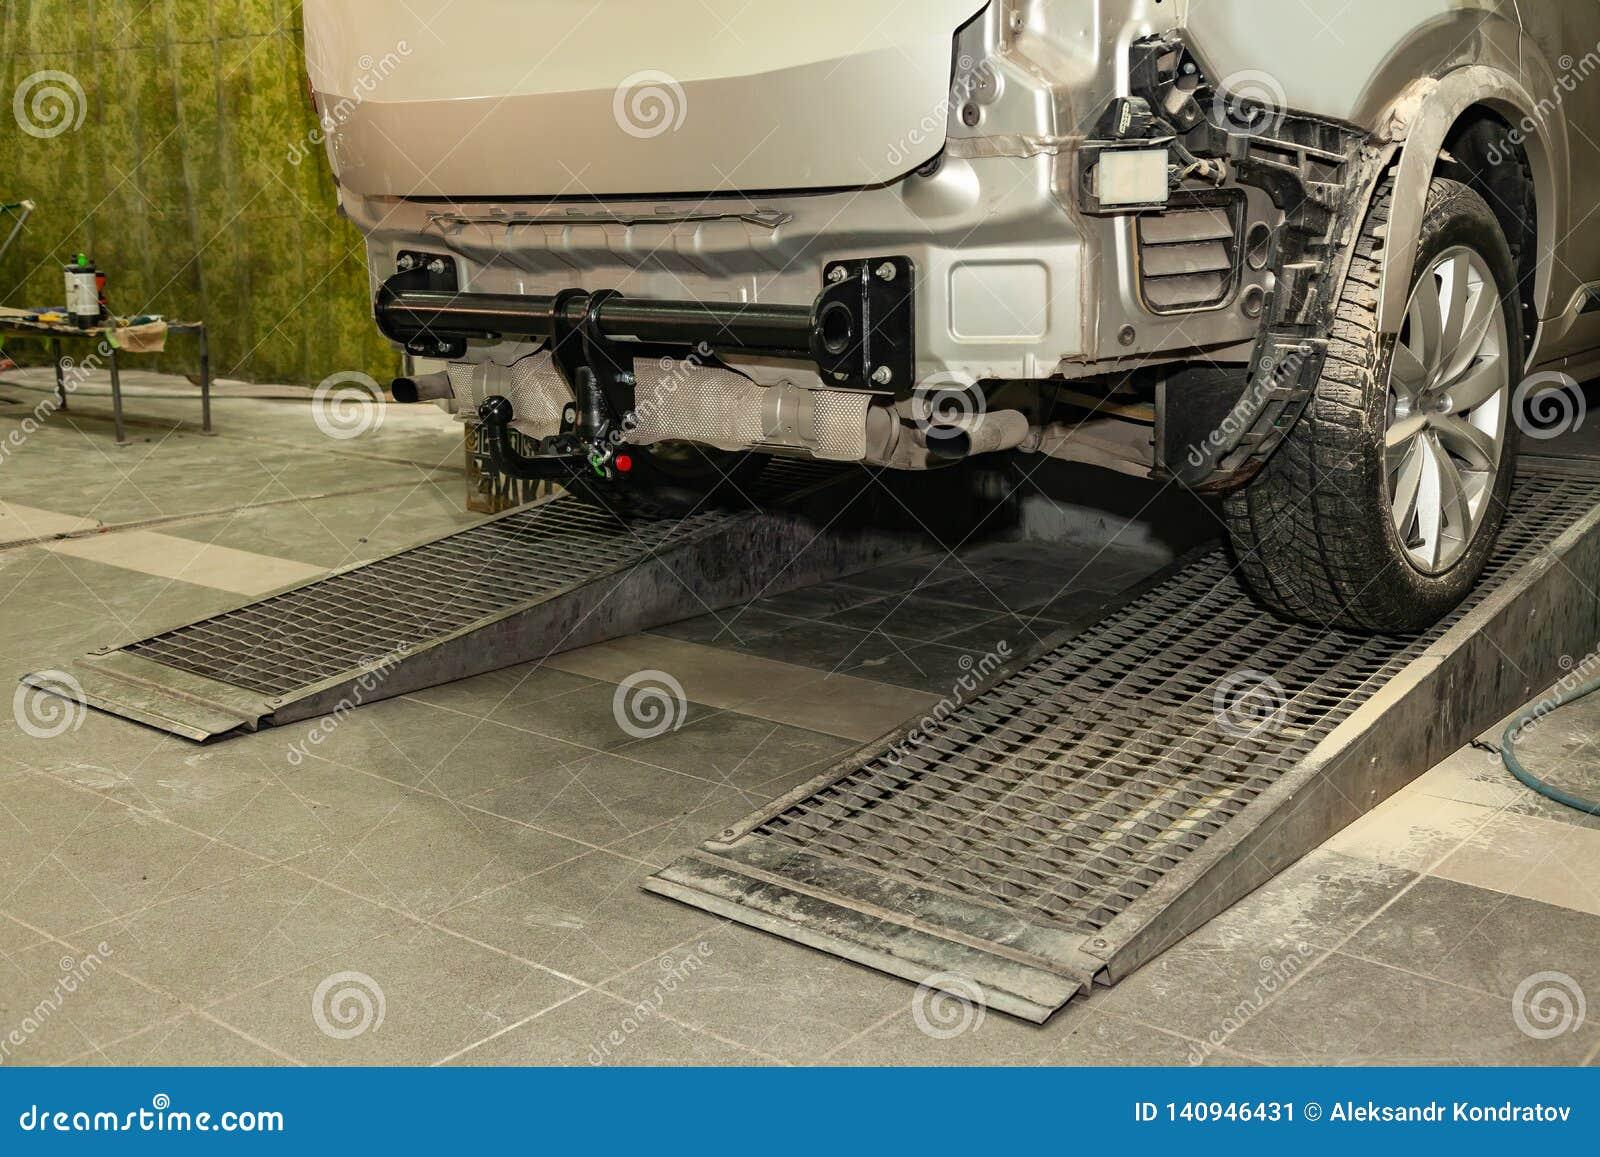 Närbilden på en ny svart släphake som installeras på en modern bil med en borttagen beiga-färgad stötdämpare i en medelreparation